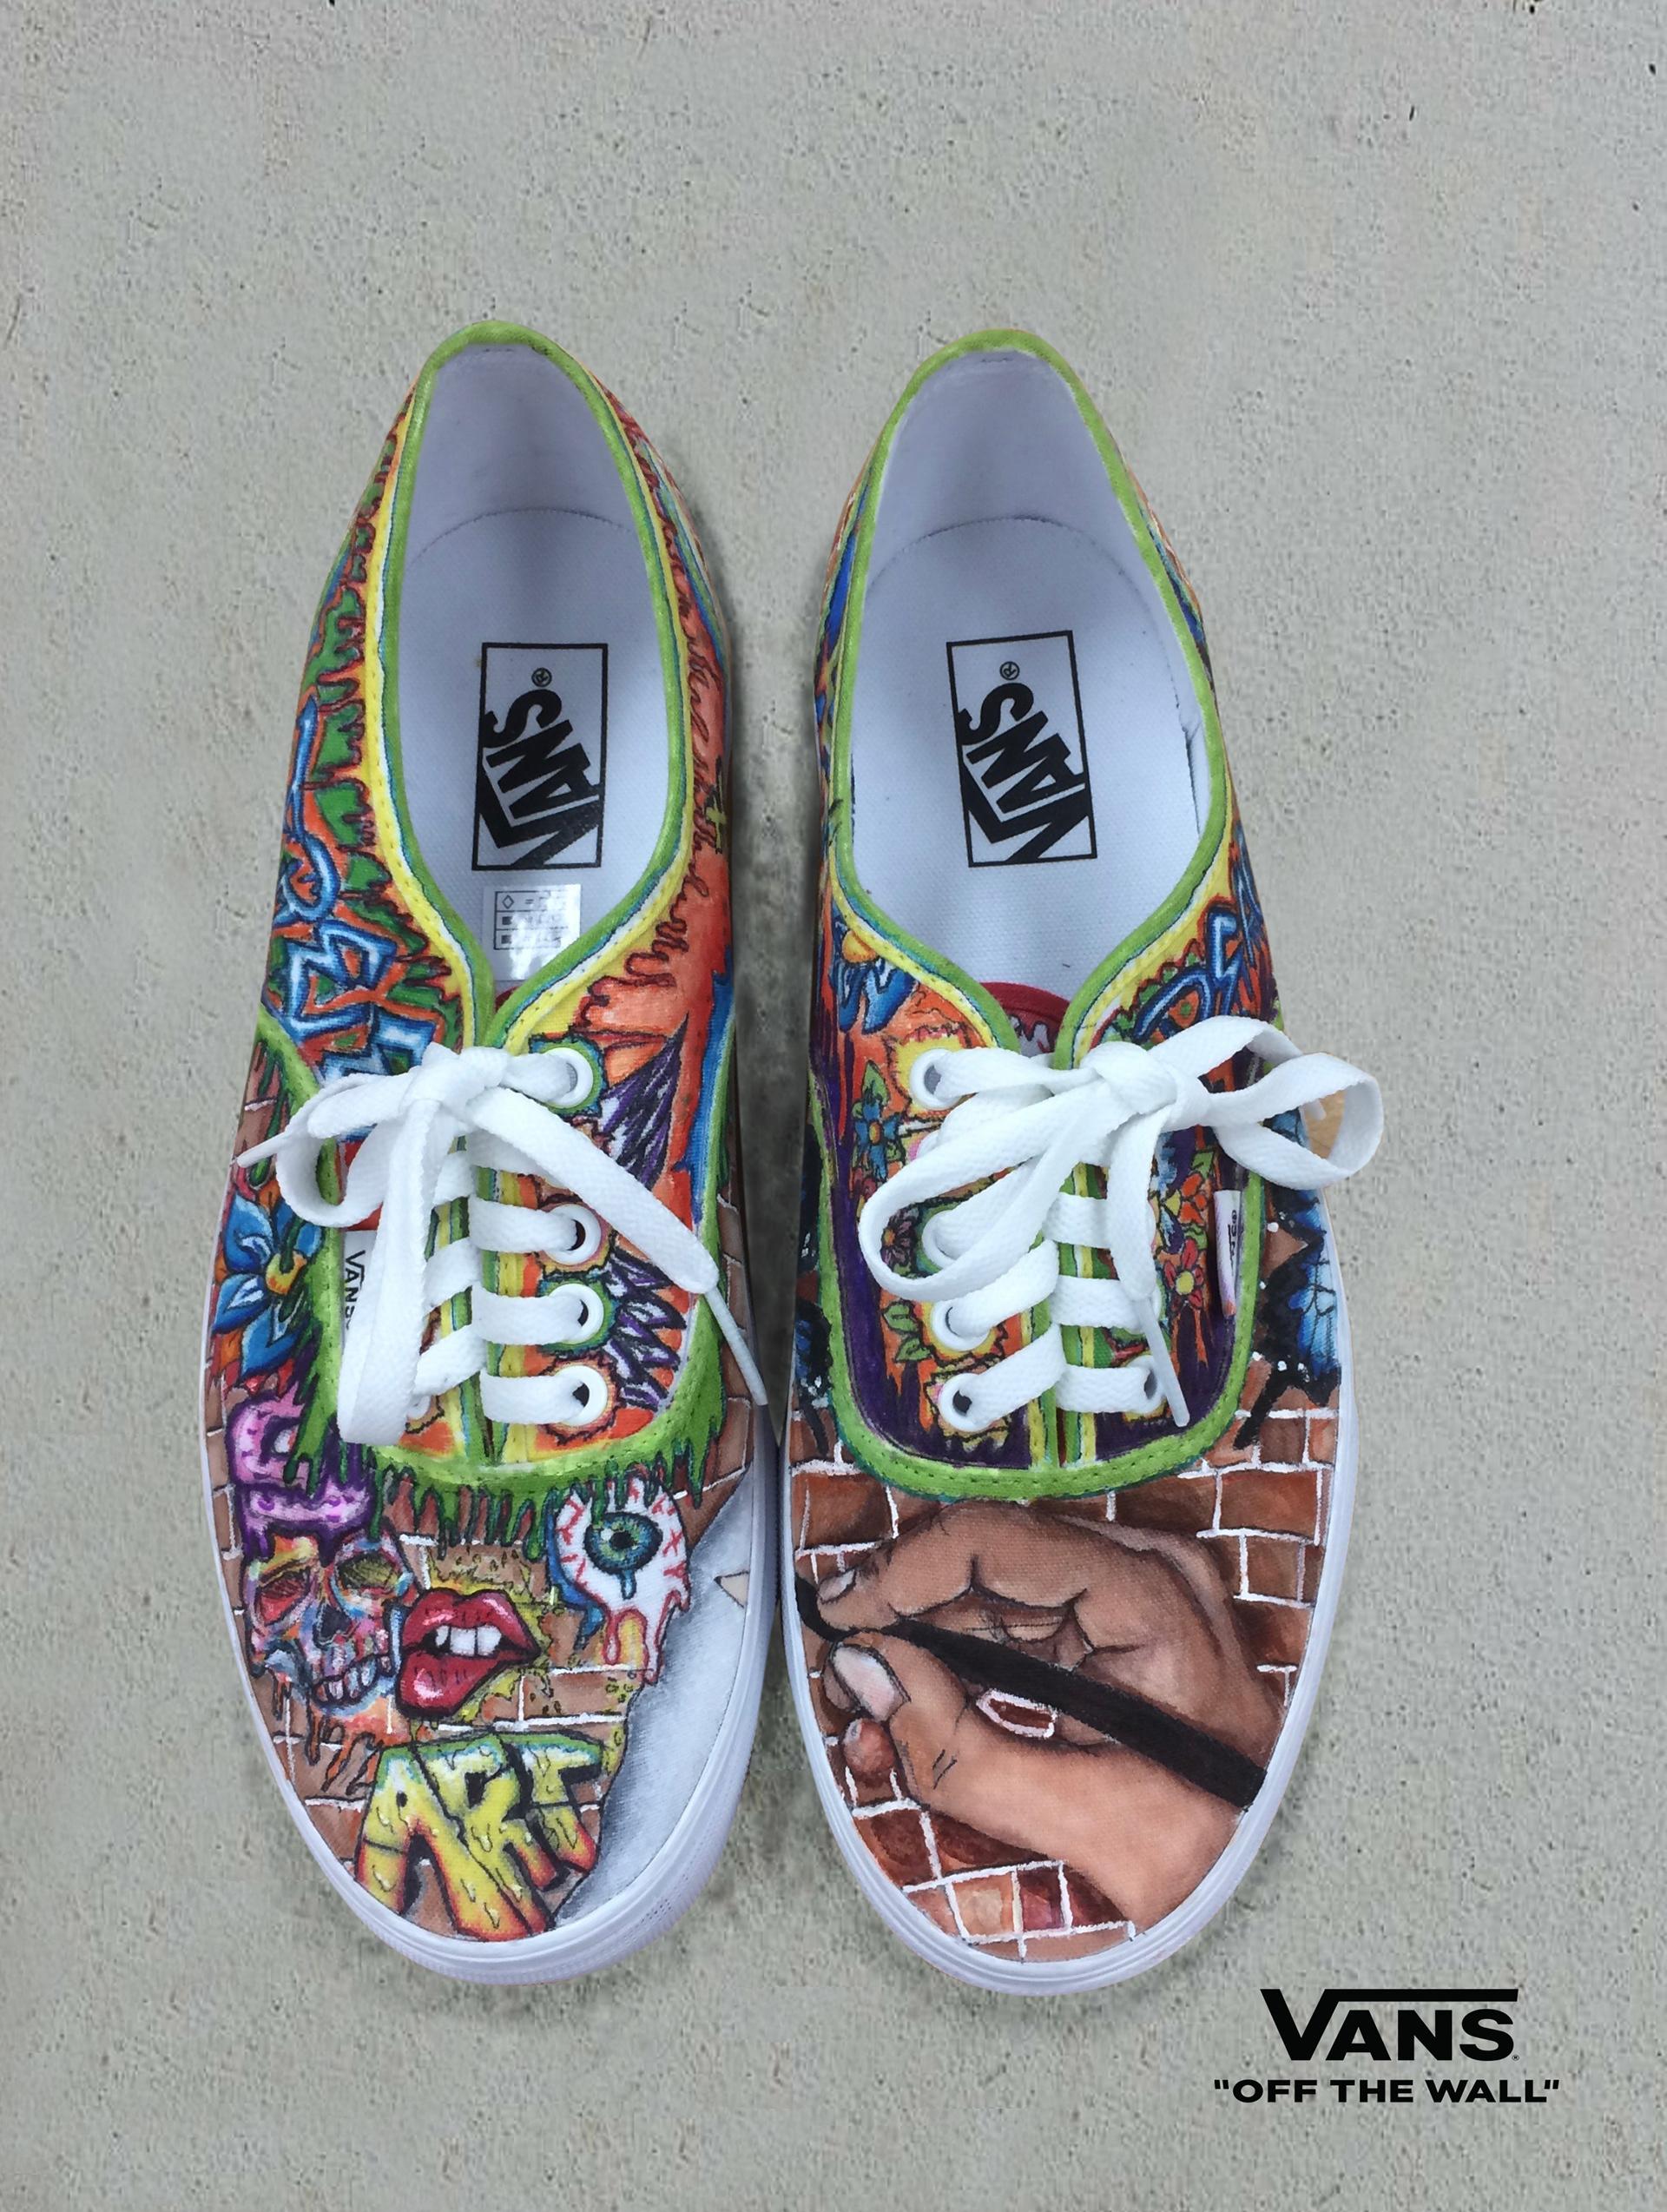 0f0dd32ced46 Rachel Van Deusen - Vans Shoe Designs